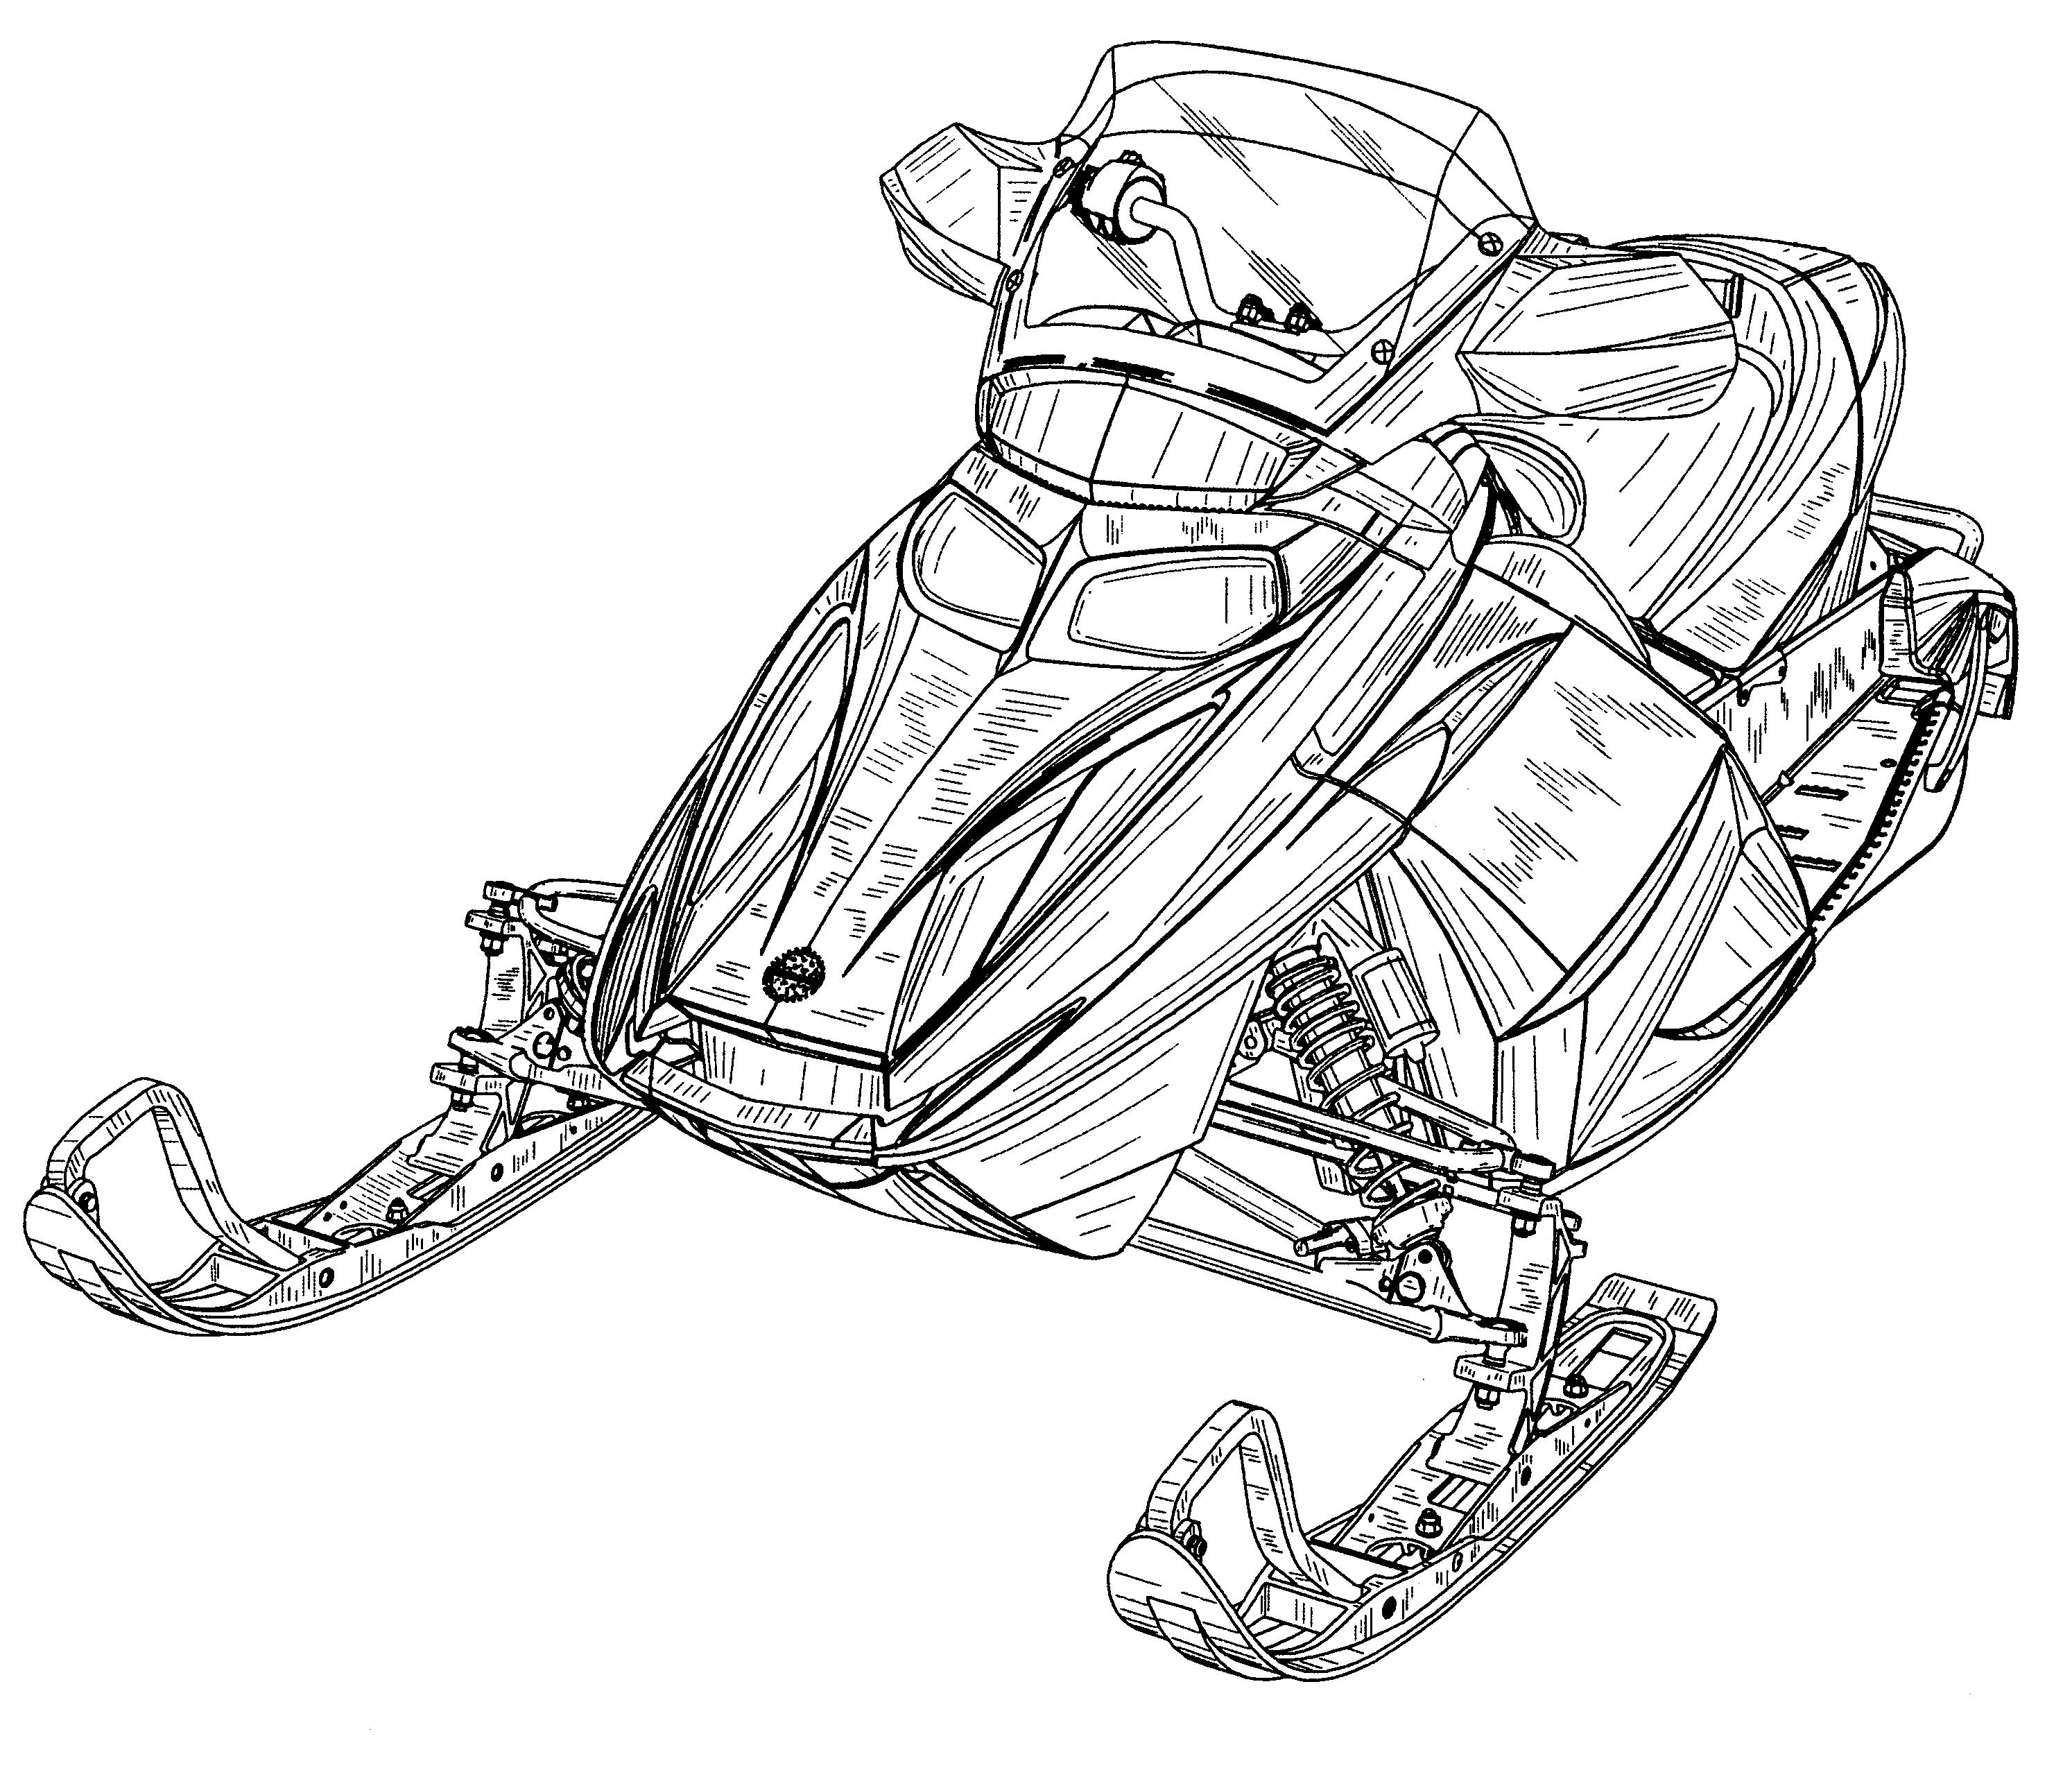 snowmobile drawings Gallery